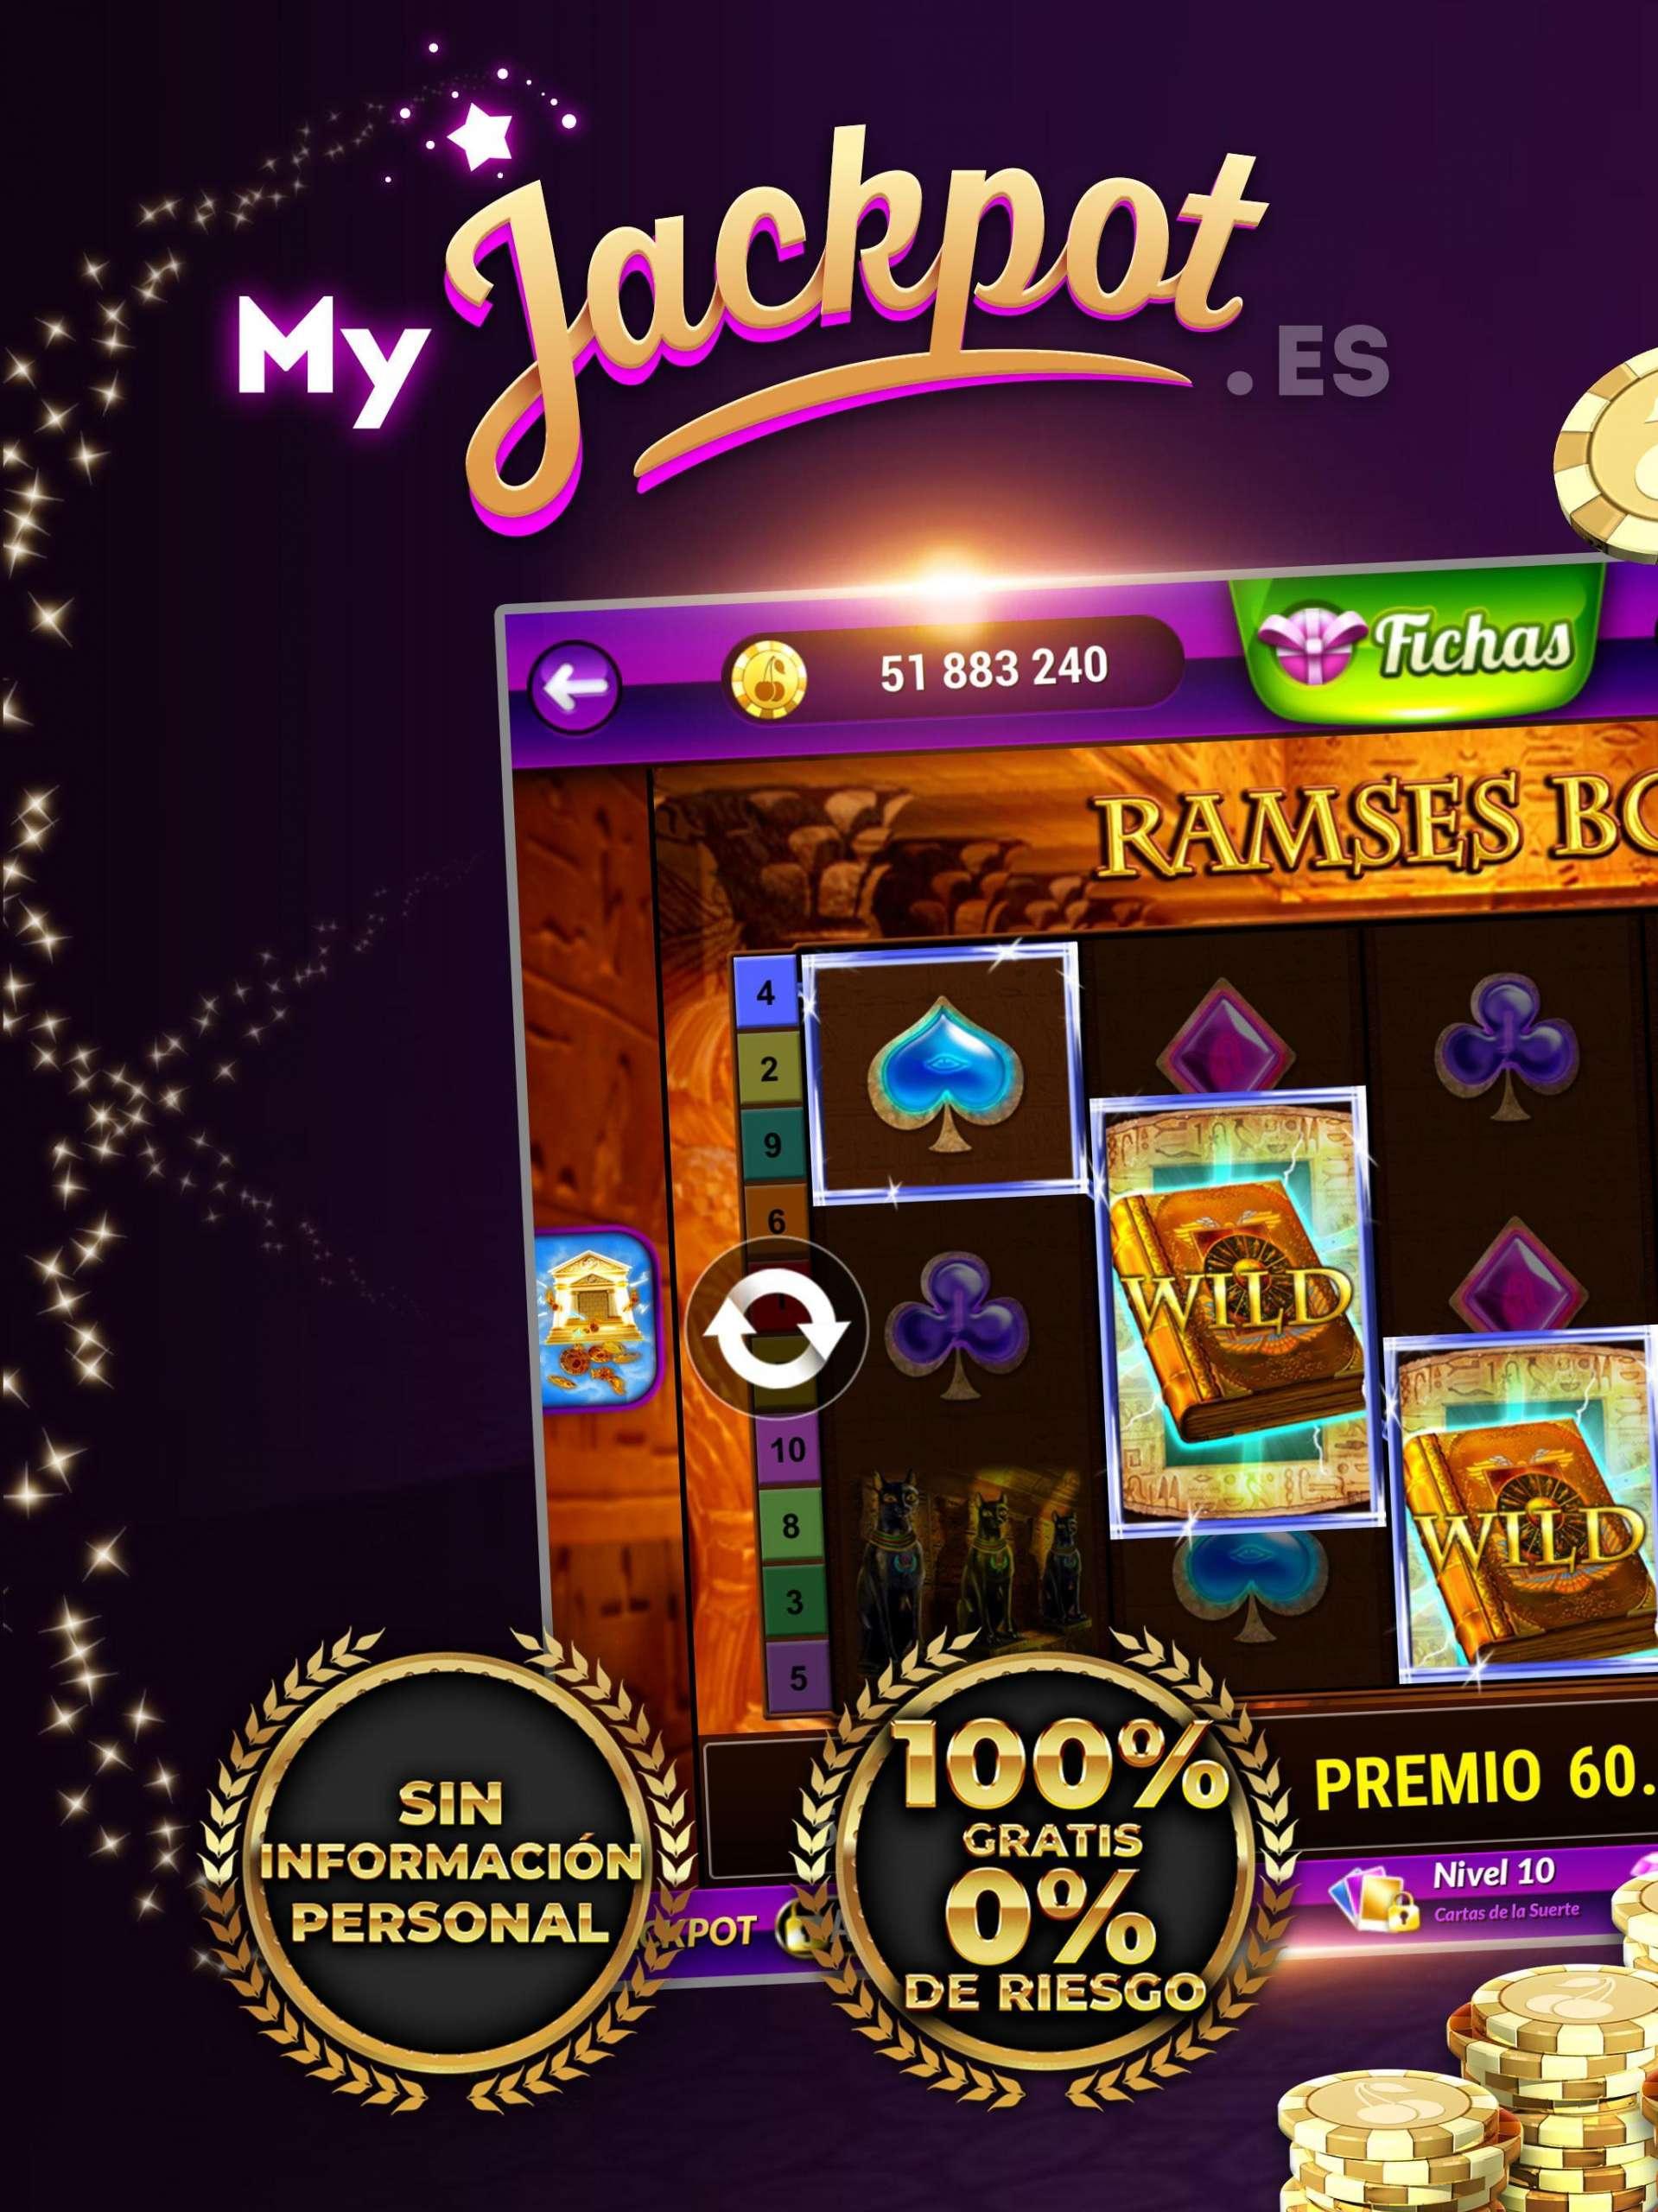 Free casino roulette games for fun